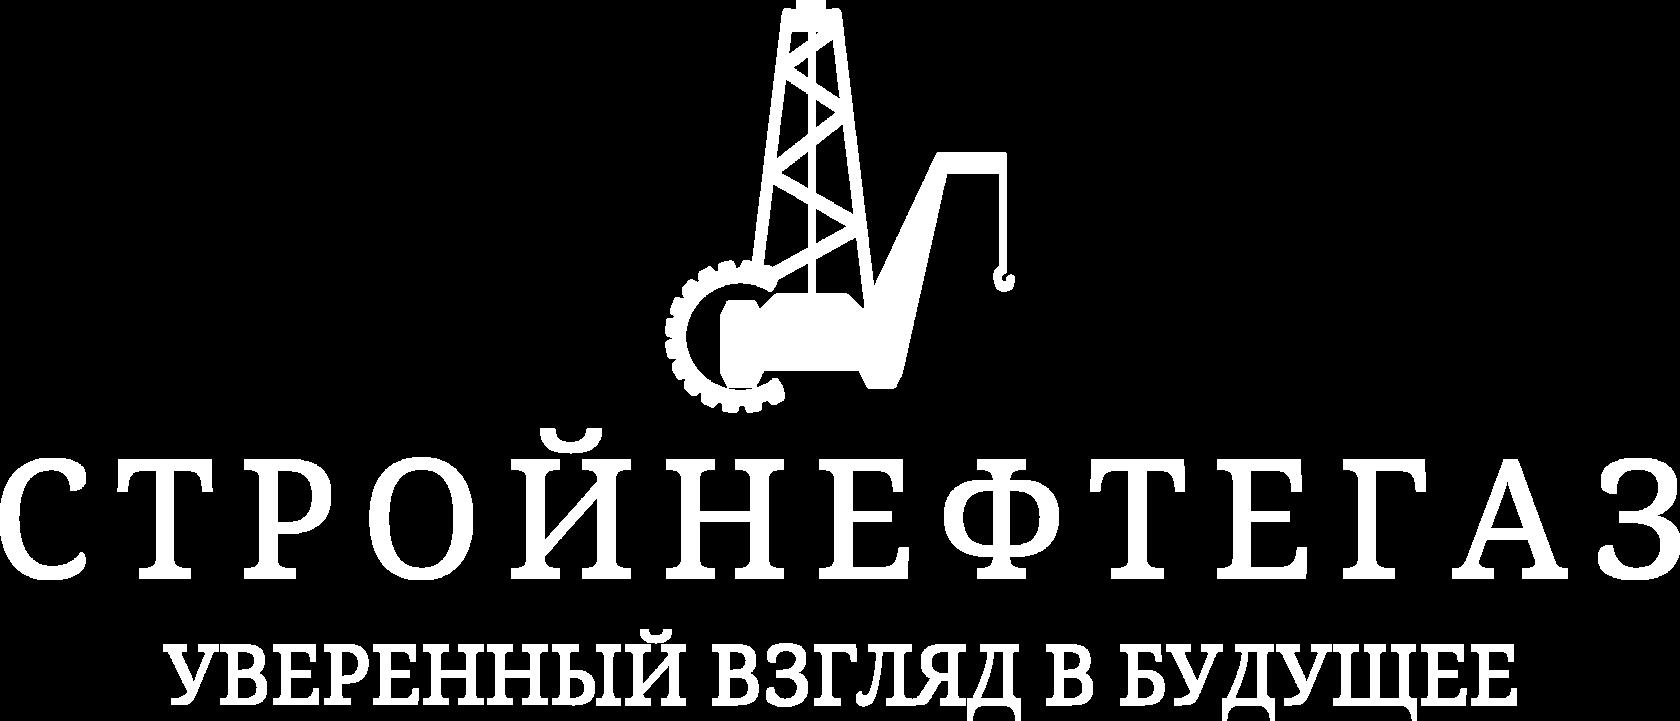 МИКРЕС - Многопрофильный институт кадровых ресурсов